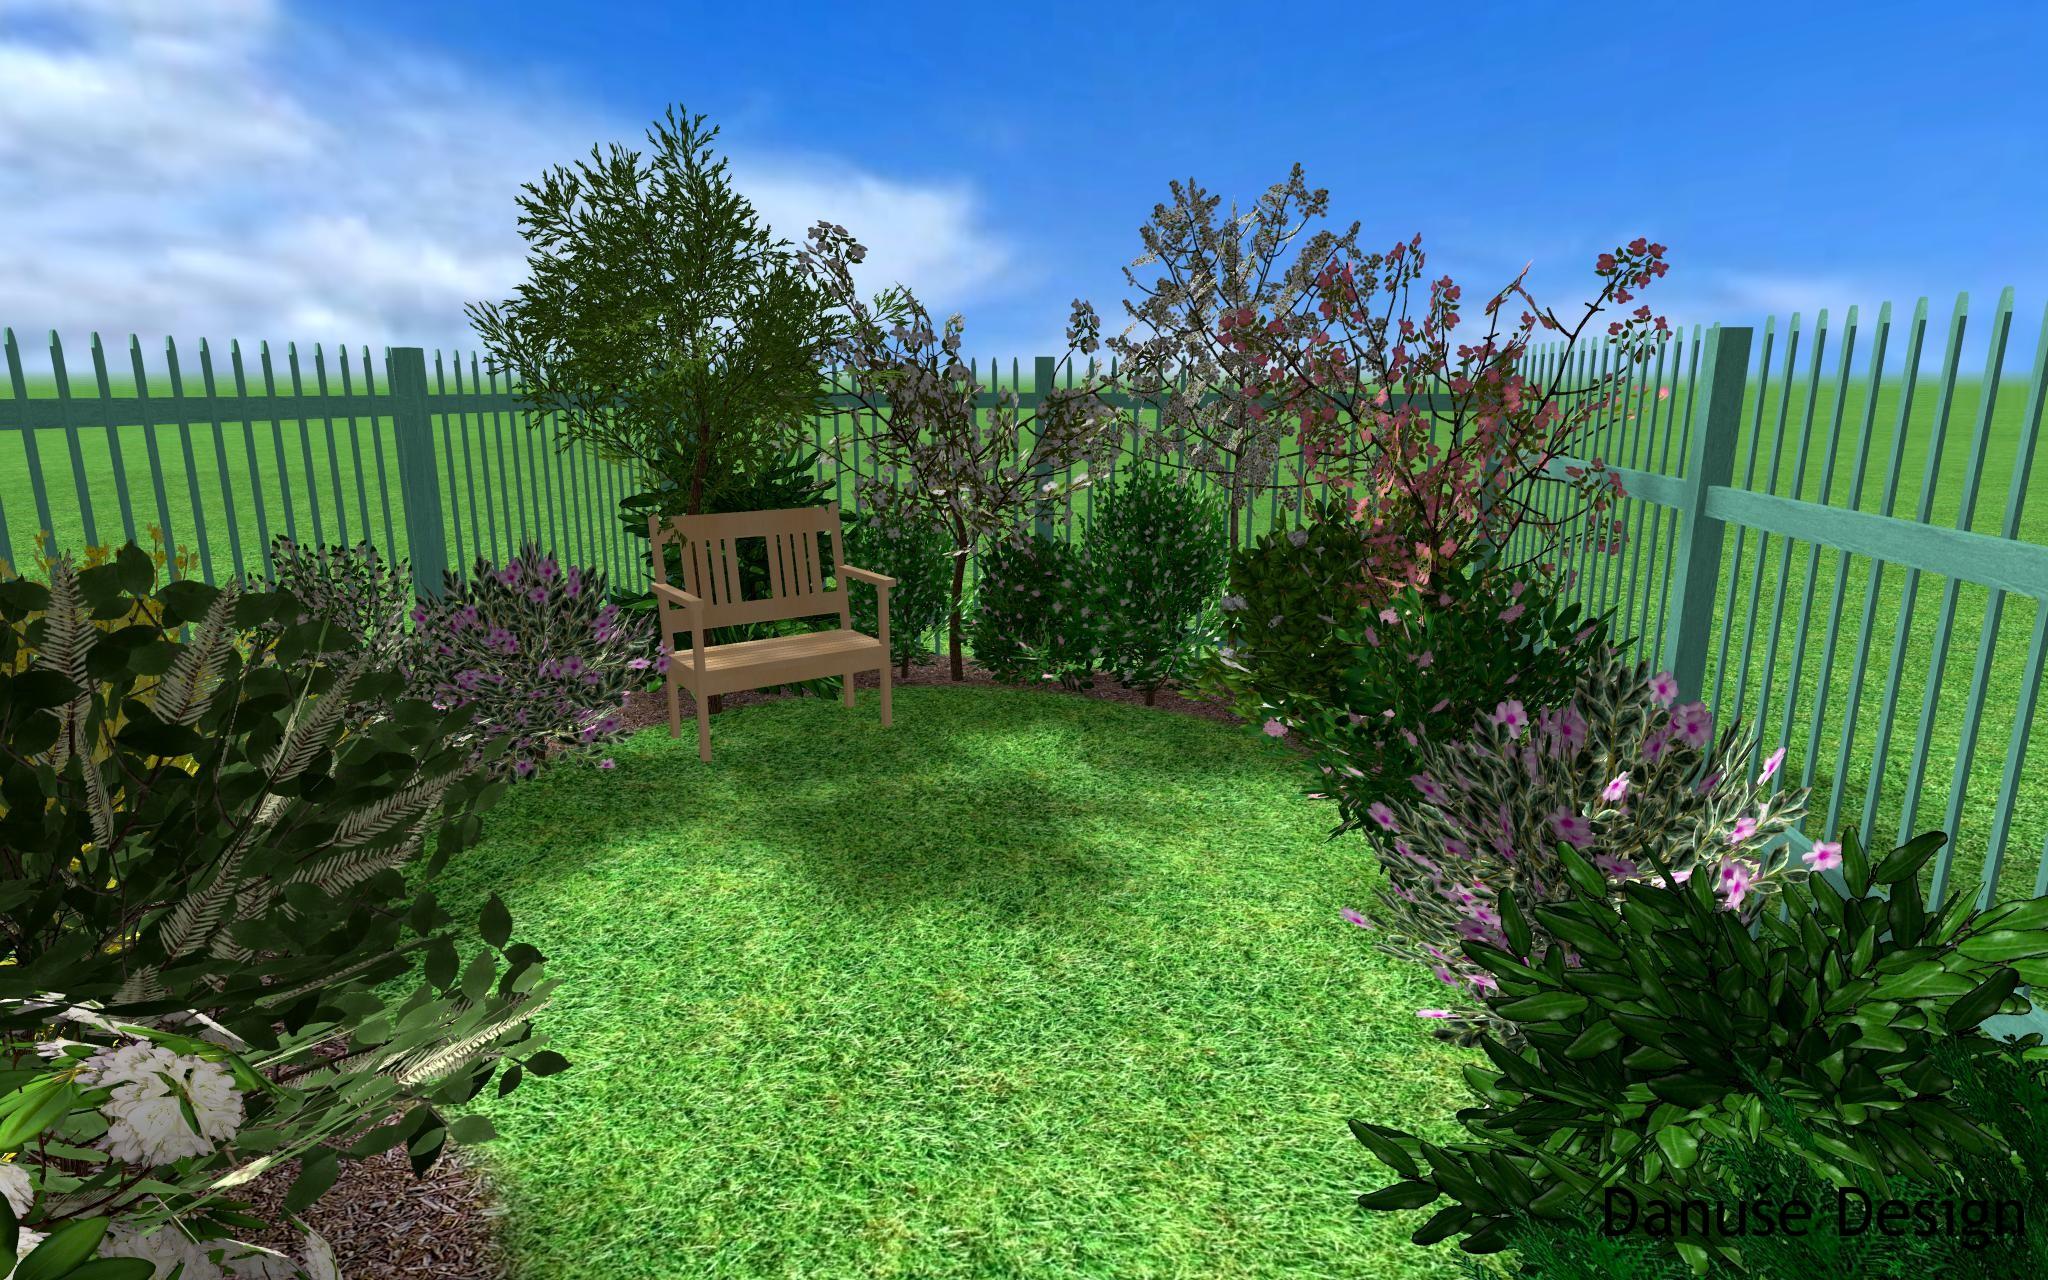 Zahrada s podzemní nádrží16